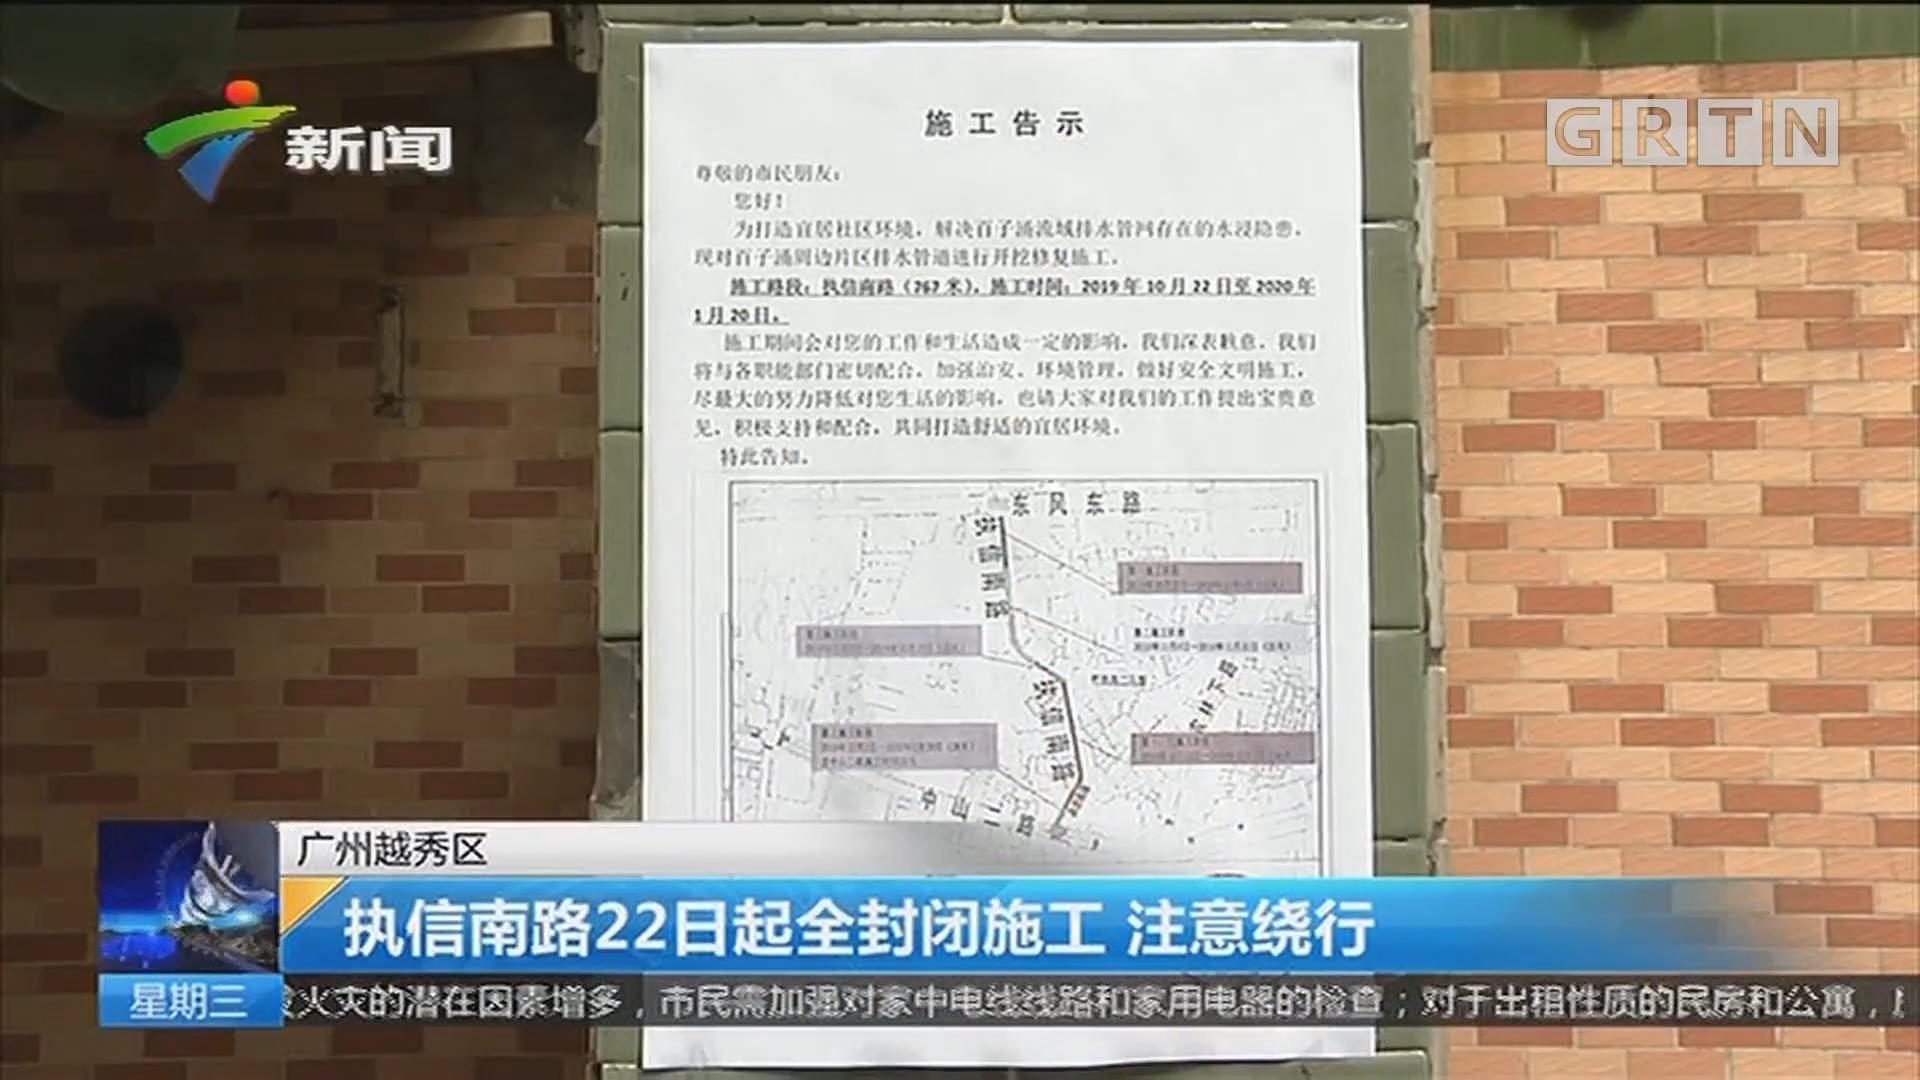 广州越秀区:执信南路22日起全封闭施工 注意绕行